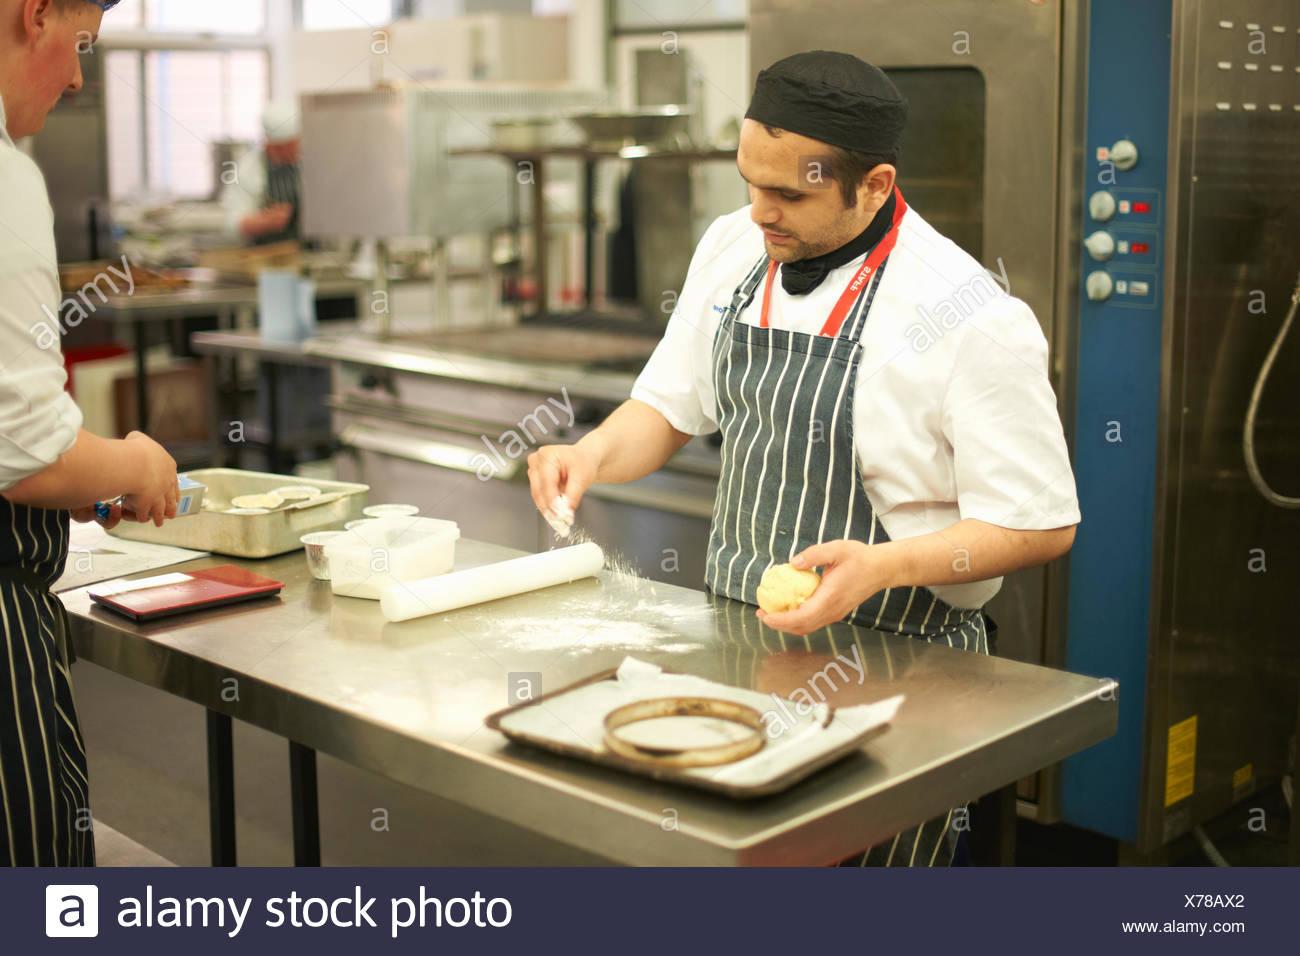 Lo Chef docente dimostrazione tecnica per catering teenage studente al banco di cucina Immagini Stock